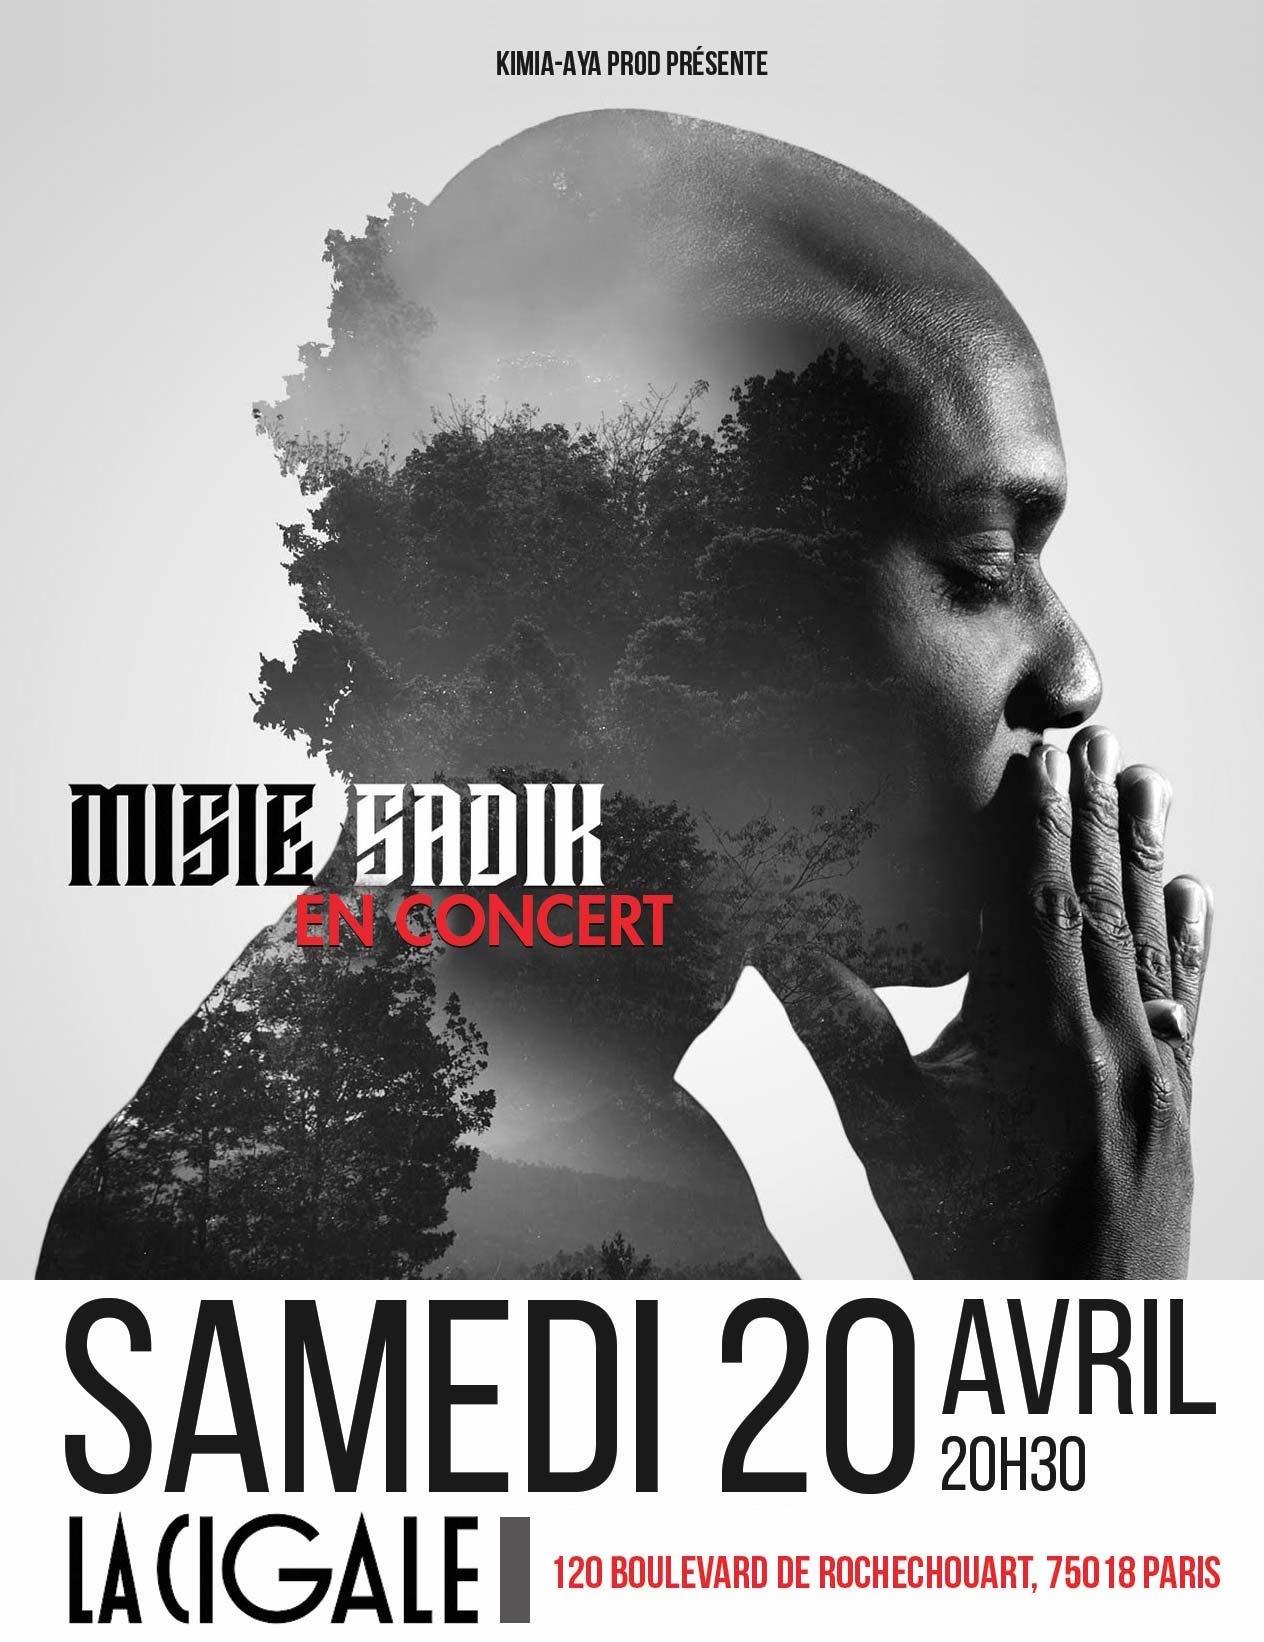 Misié Sadik en concert - La Cigale / Paris (75)